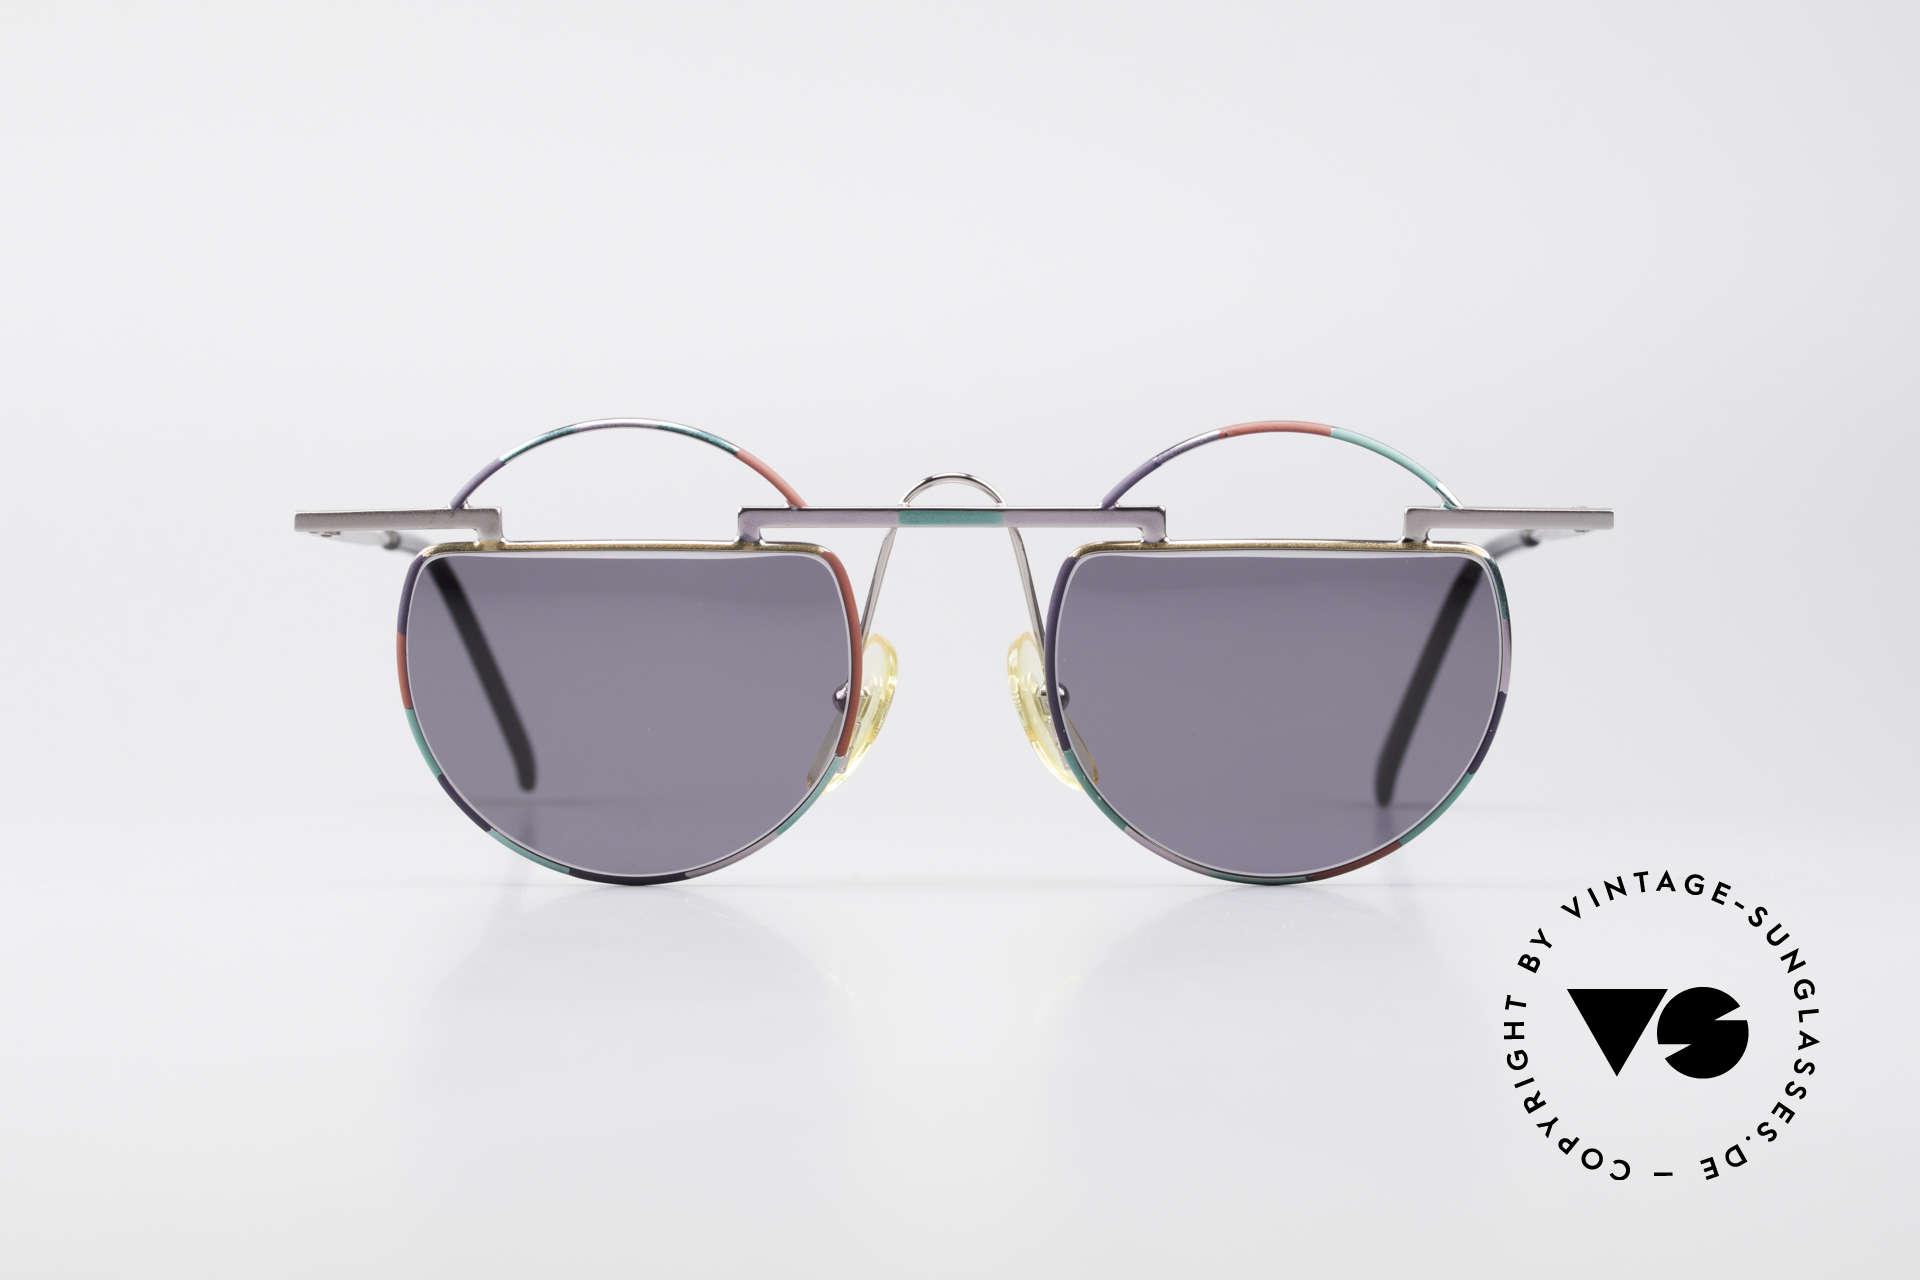 Taxi 221 by Casanova Vintage Kunst Sonnenbrille, farbenfrohes Design: schwungvoll, lebhaft, fröhlich, Passend für Damen